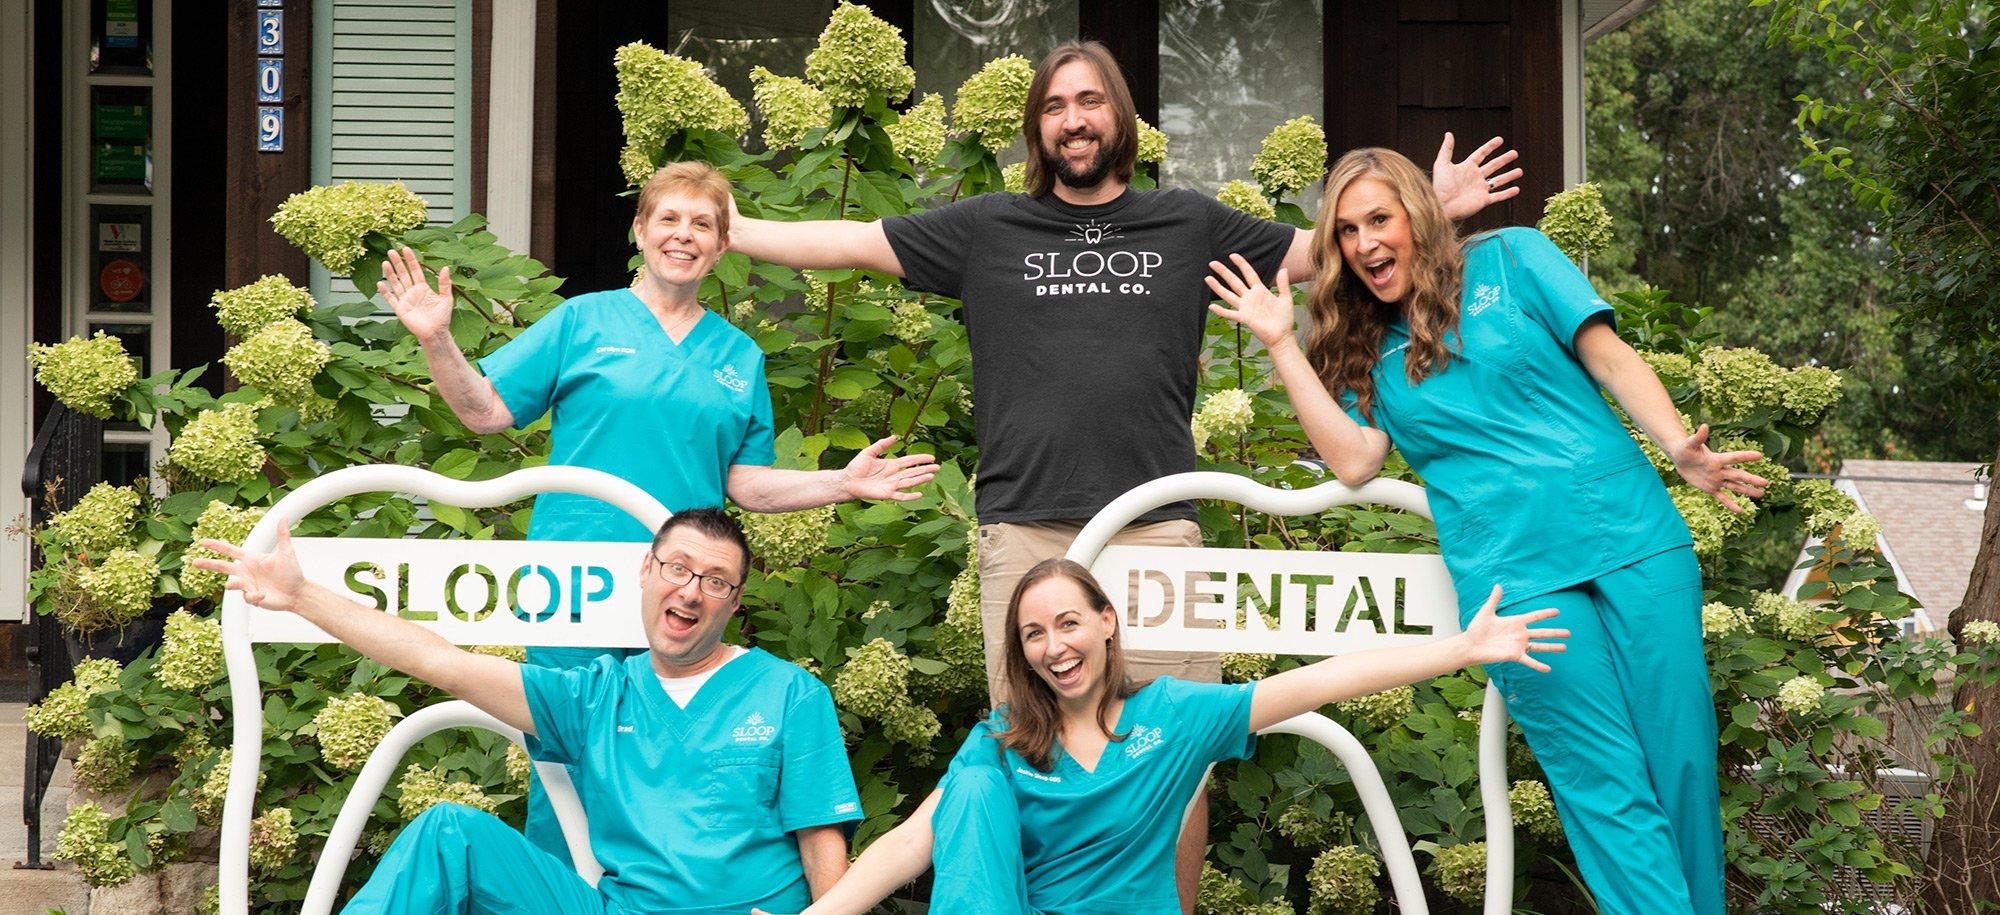 Sloop Dental Silly